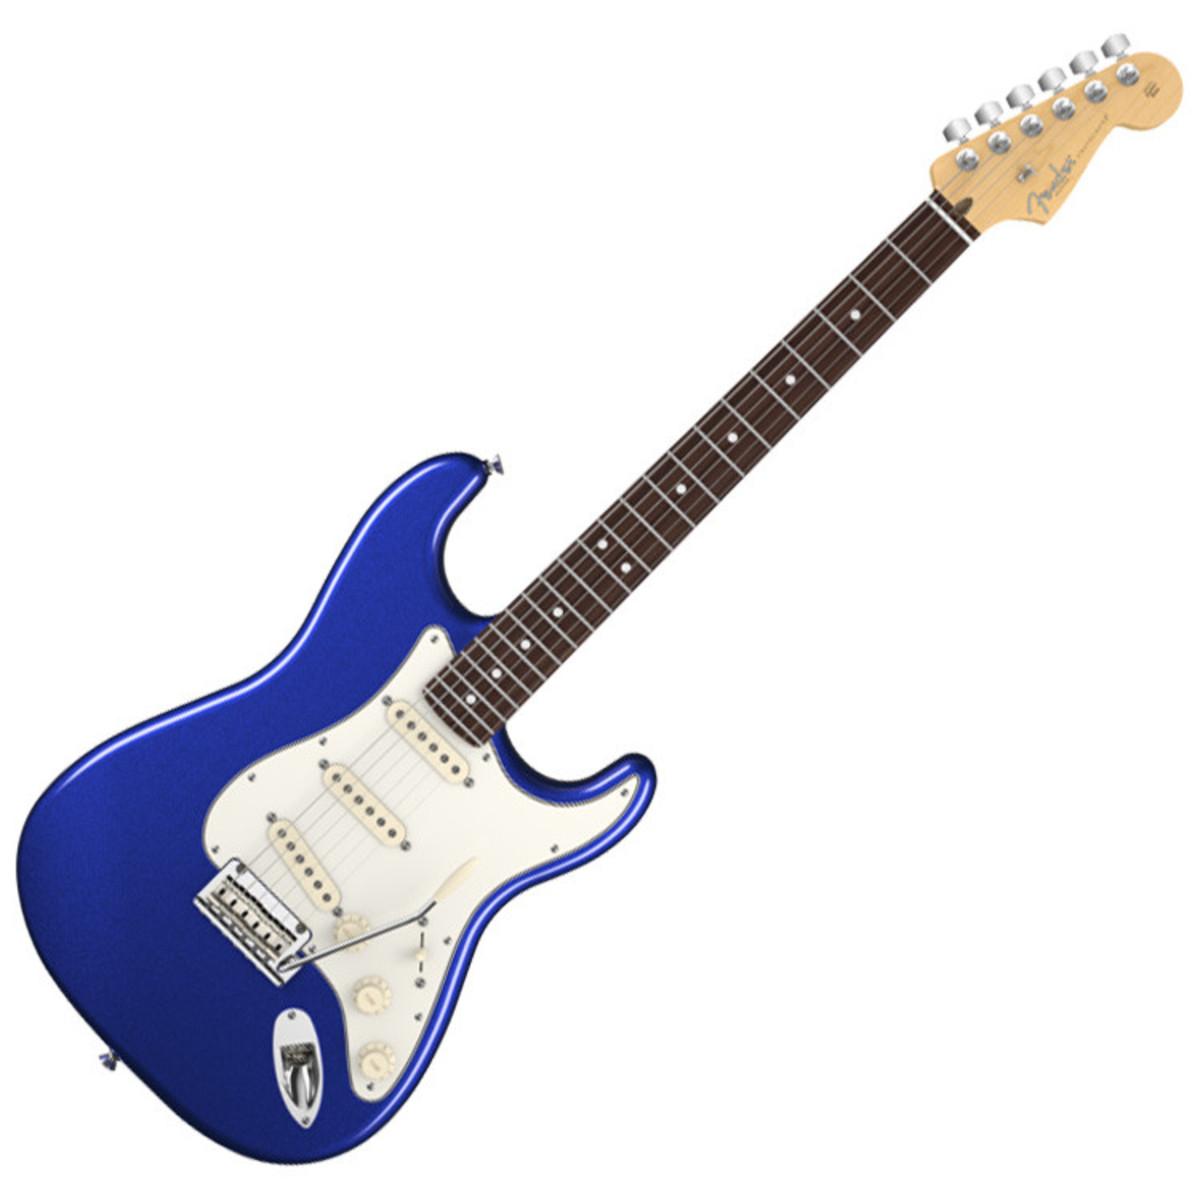 fender american standard stratocaster electric guitar mystic blue at. Black Bedroom Furniture Sets. Home Design Ideas